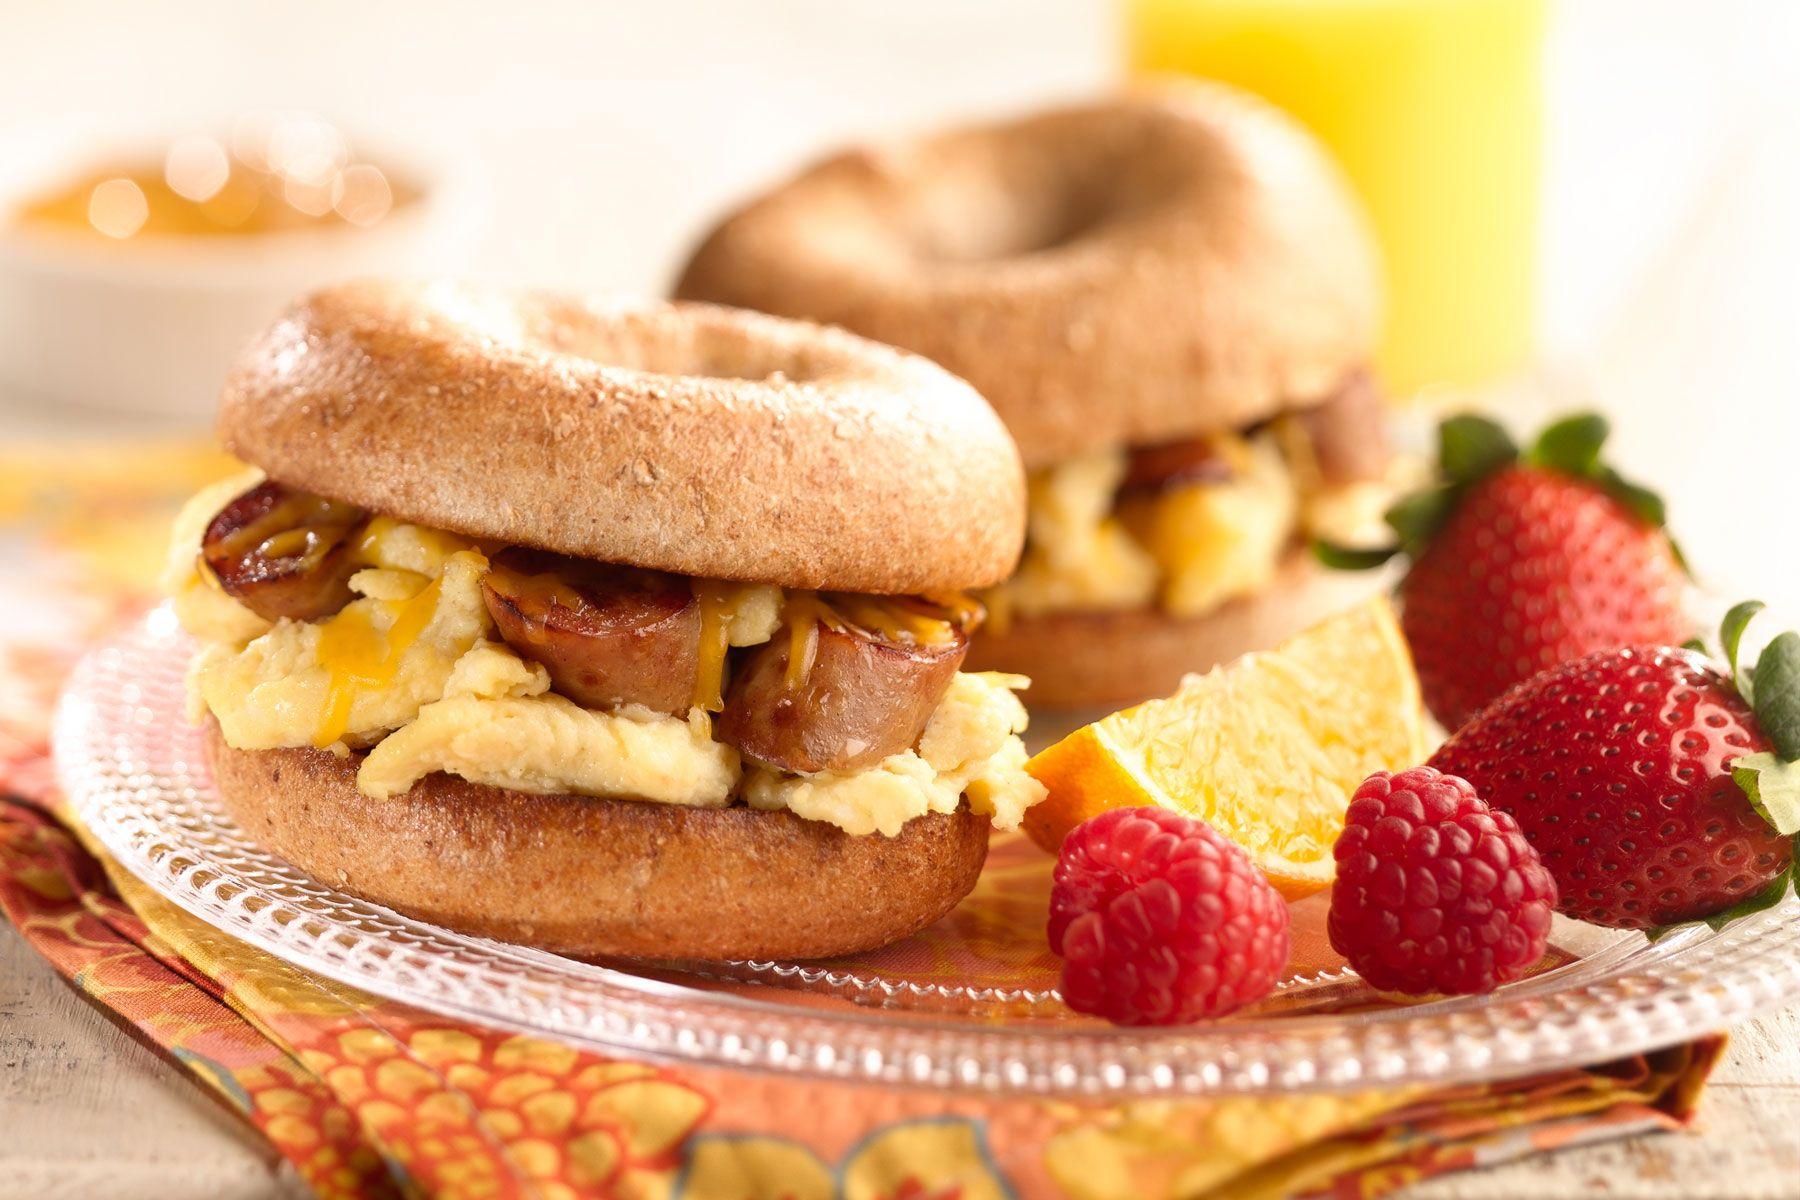 Breakfast sandwich sliders